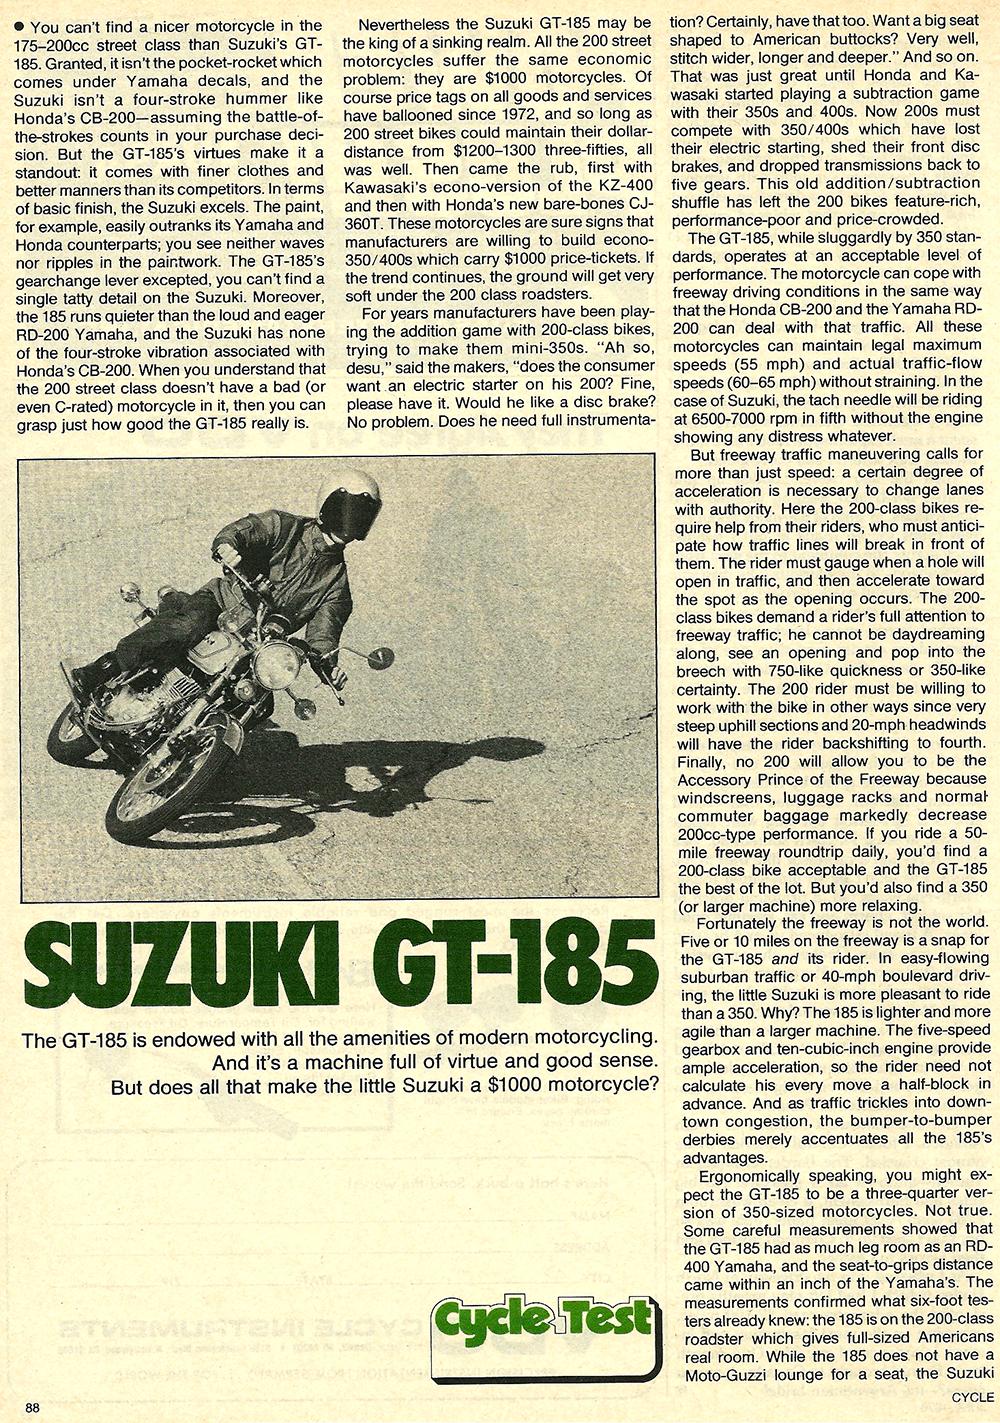 1976 Suzuki GT185 road test 1.jpg